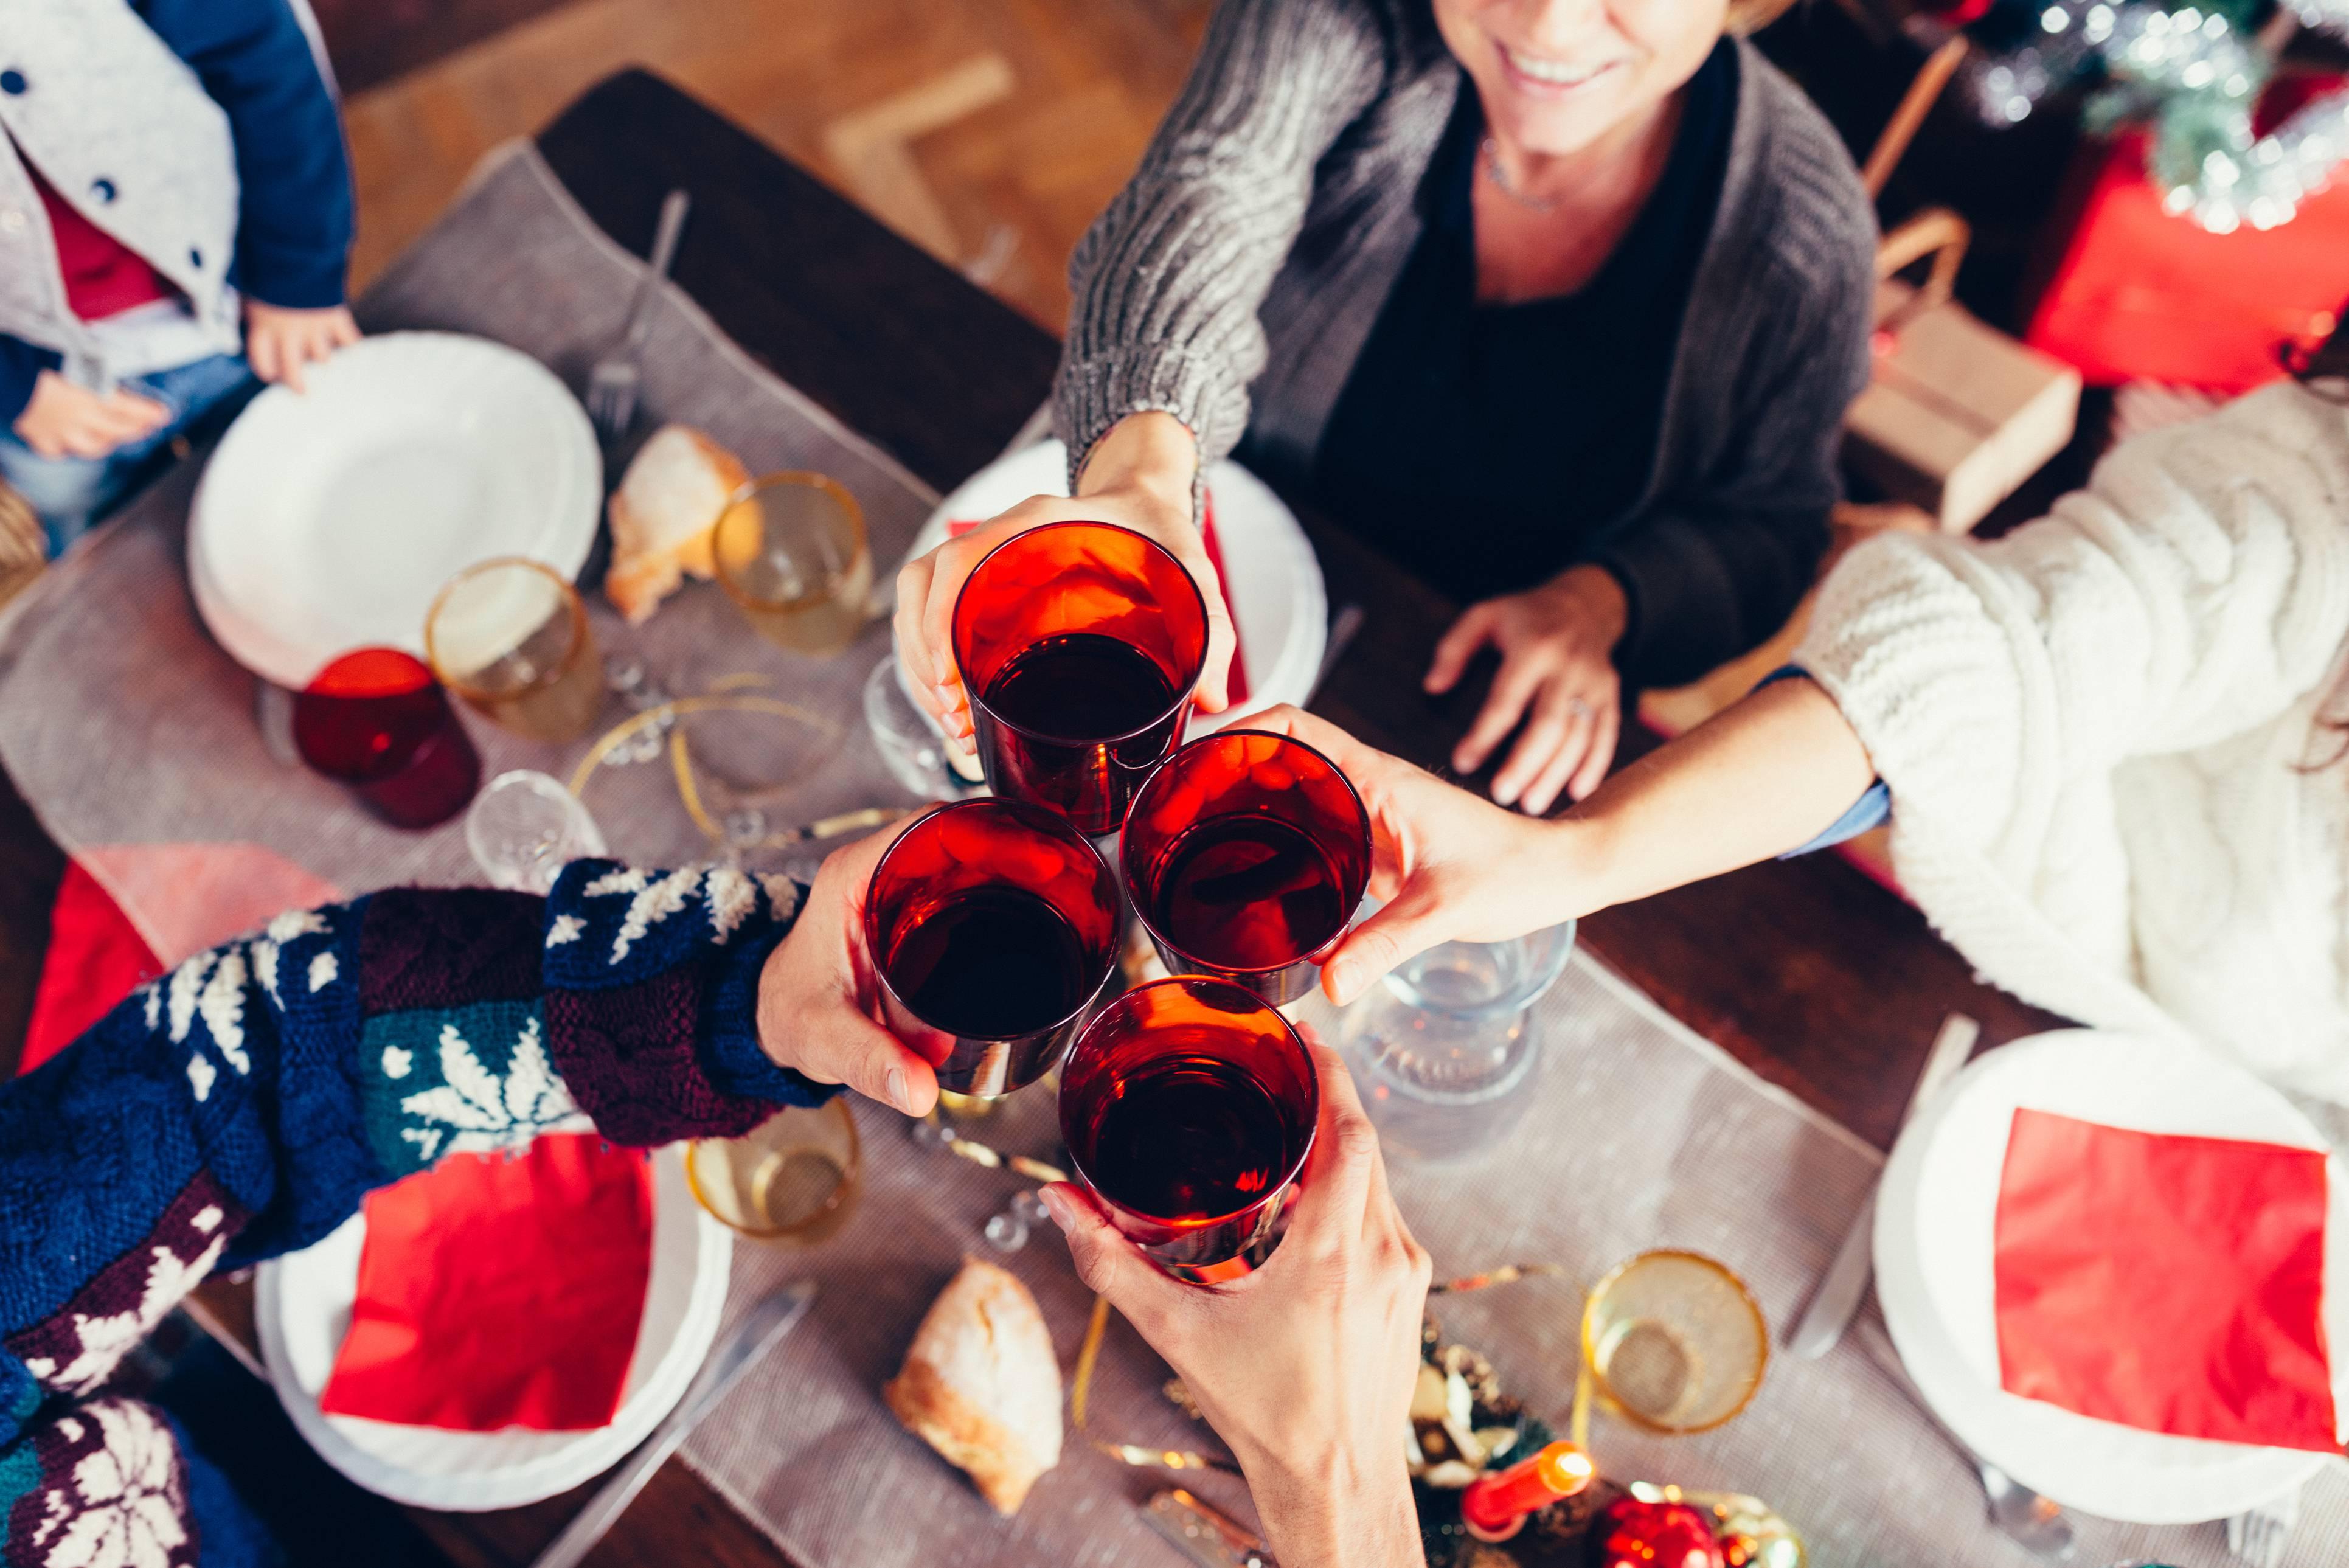 Natale in famiglia: come sopravvivere ai parenti